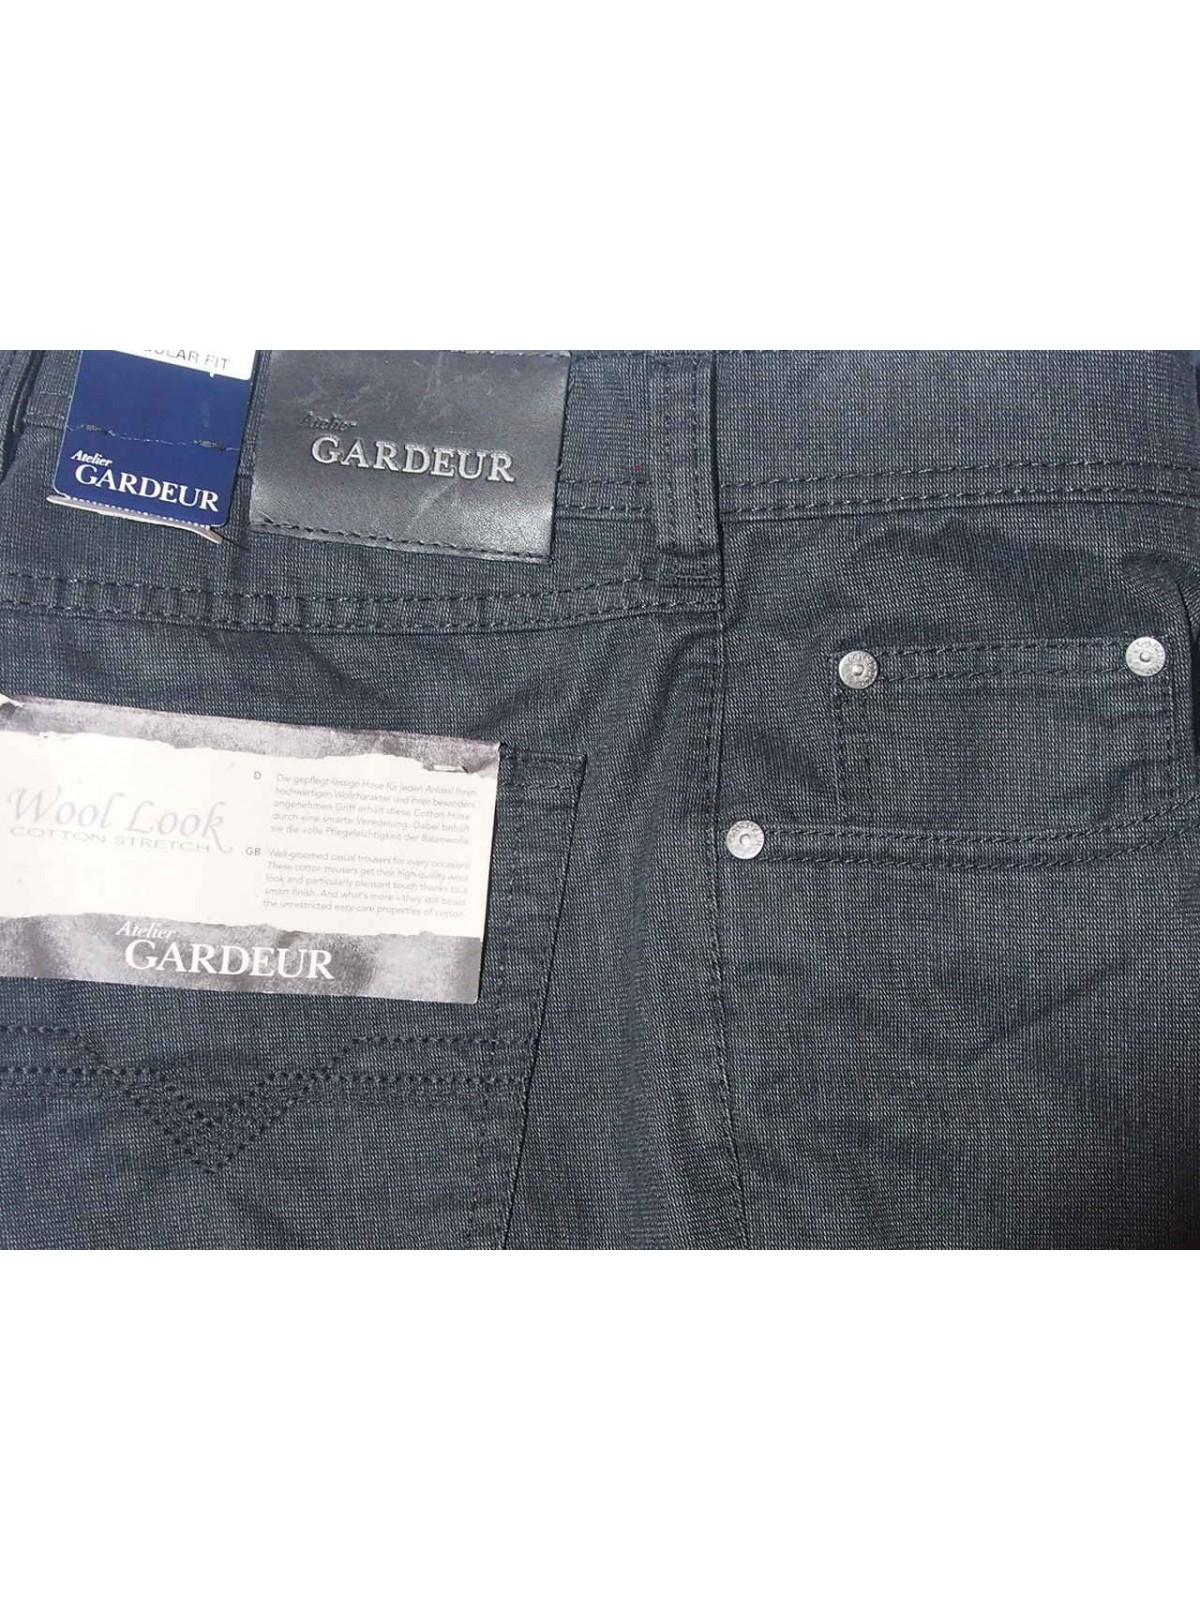 Джинсы мужские Gardeur 41544 098 Nigel 1